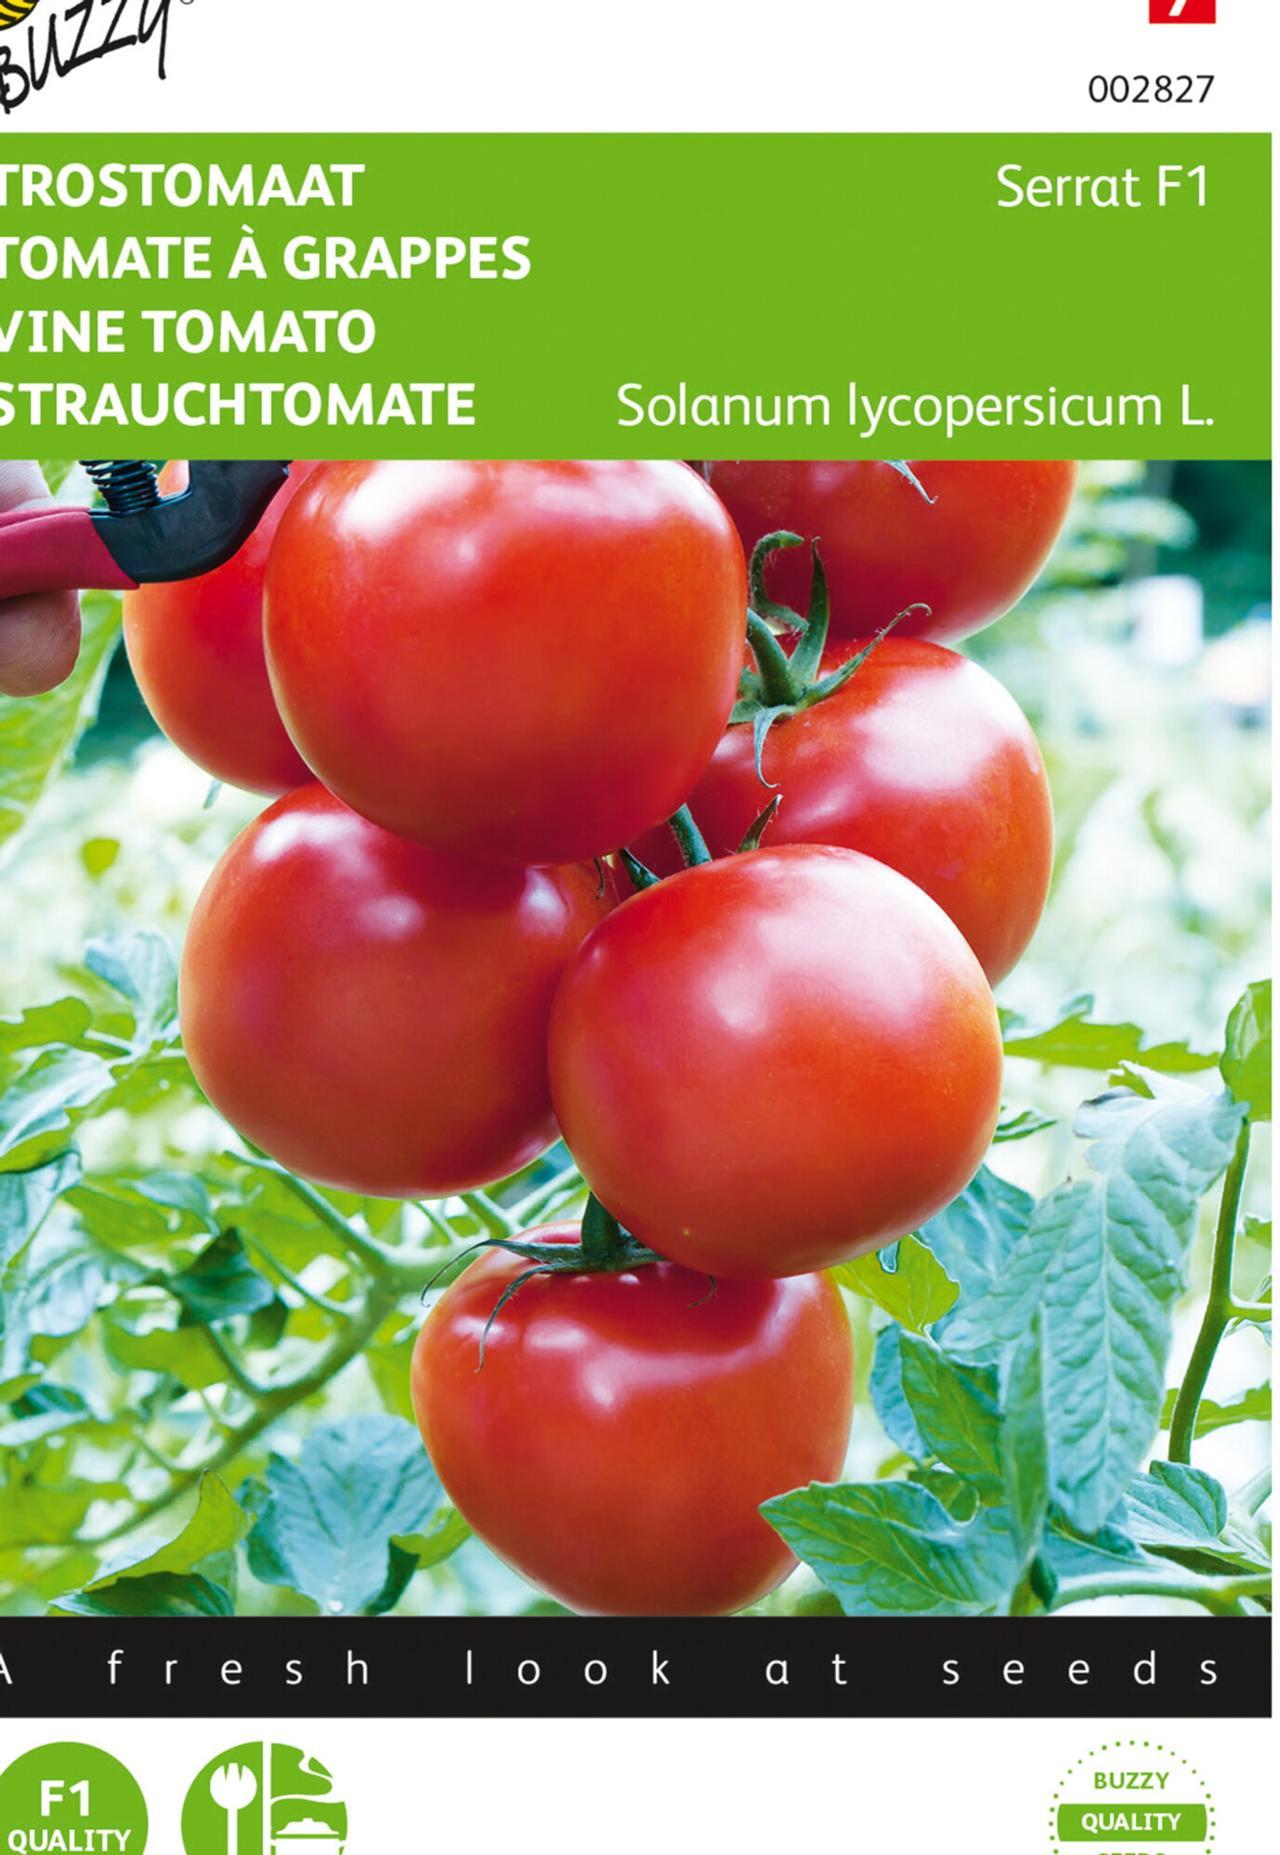 Solanum lycopersicum 'Serrat F1' plant